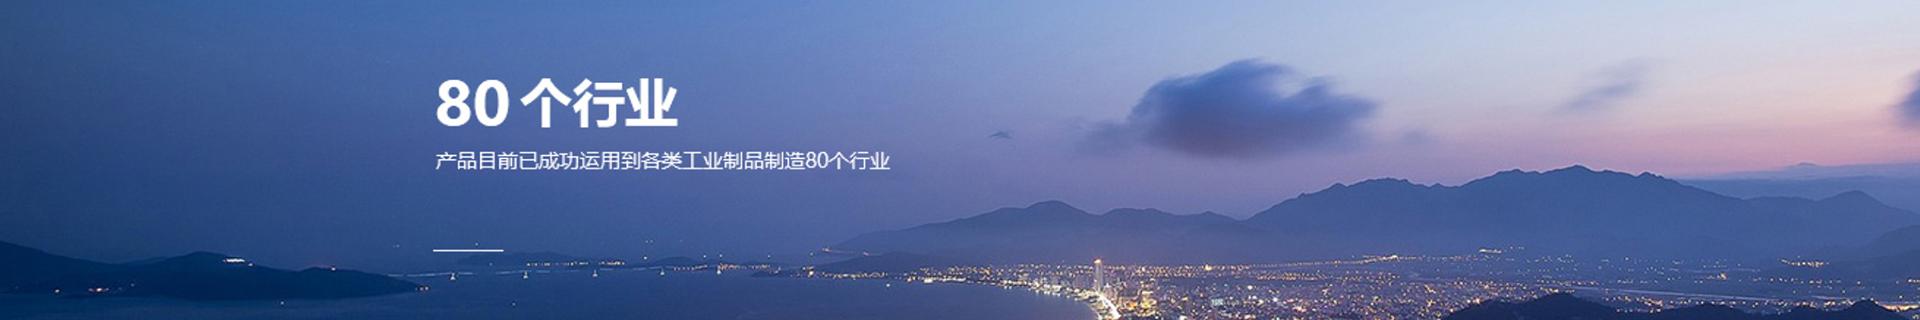 http://www.sunfarchem.cn/data/upload/202010/20201028140821_337.jpg